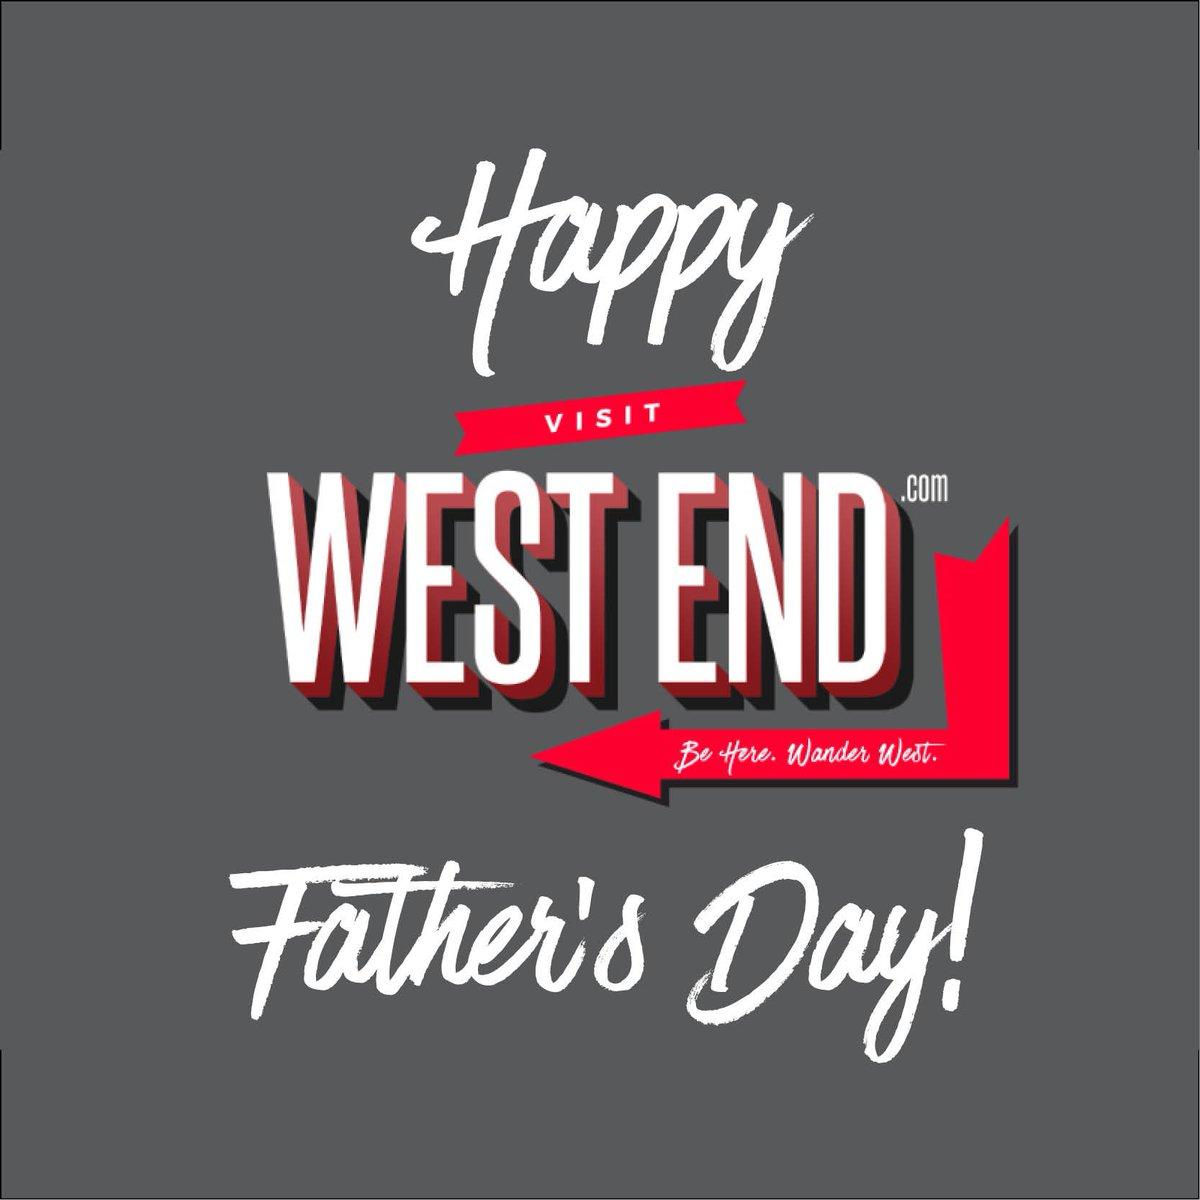 Visit_WestEnd photo